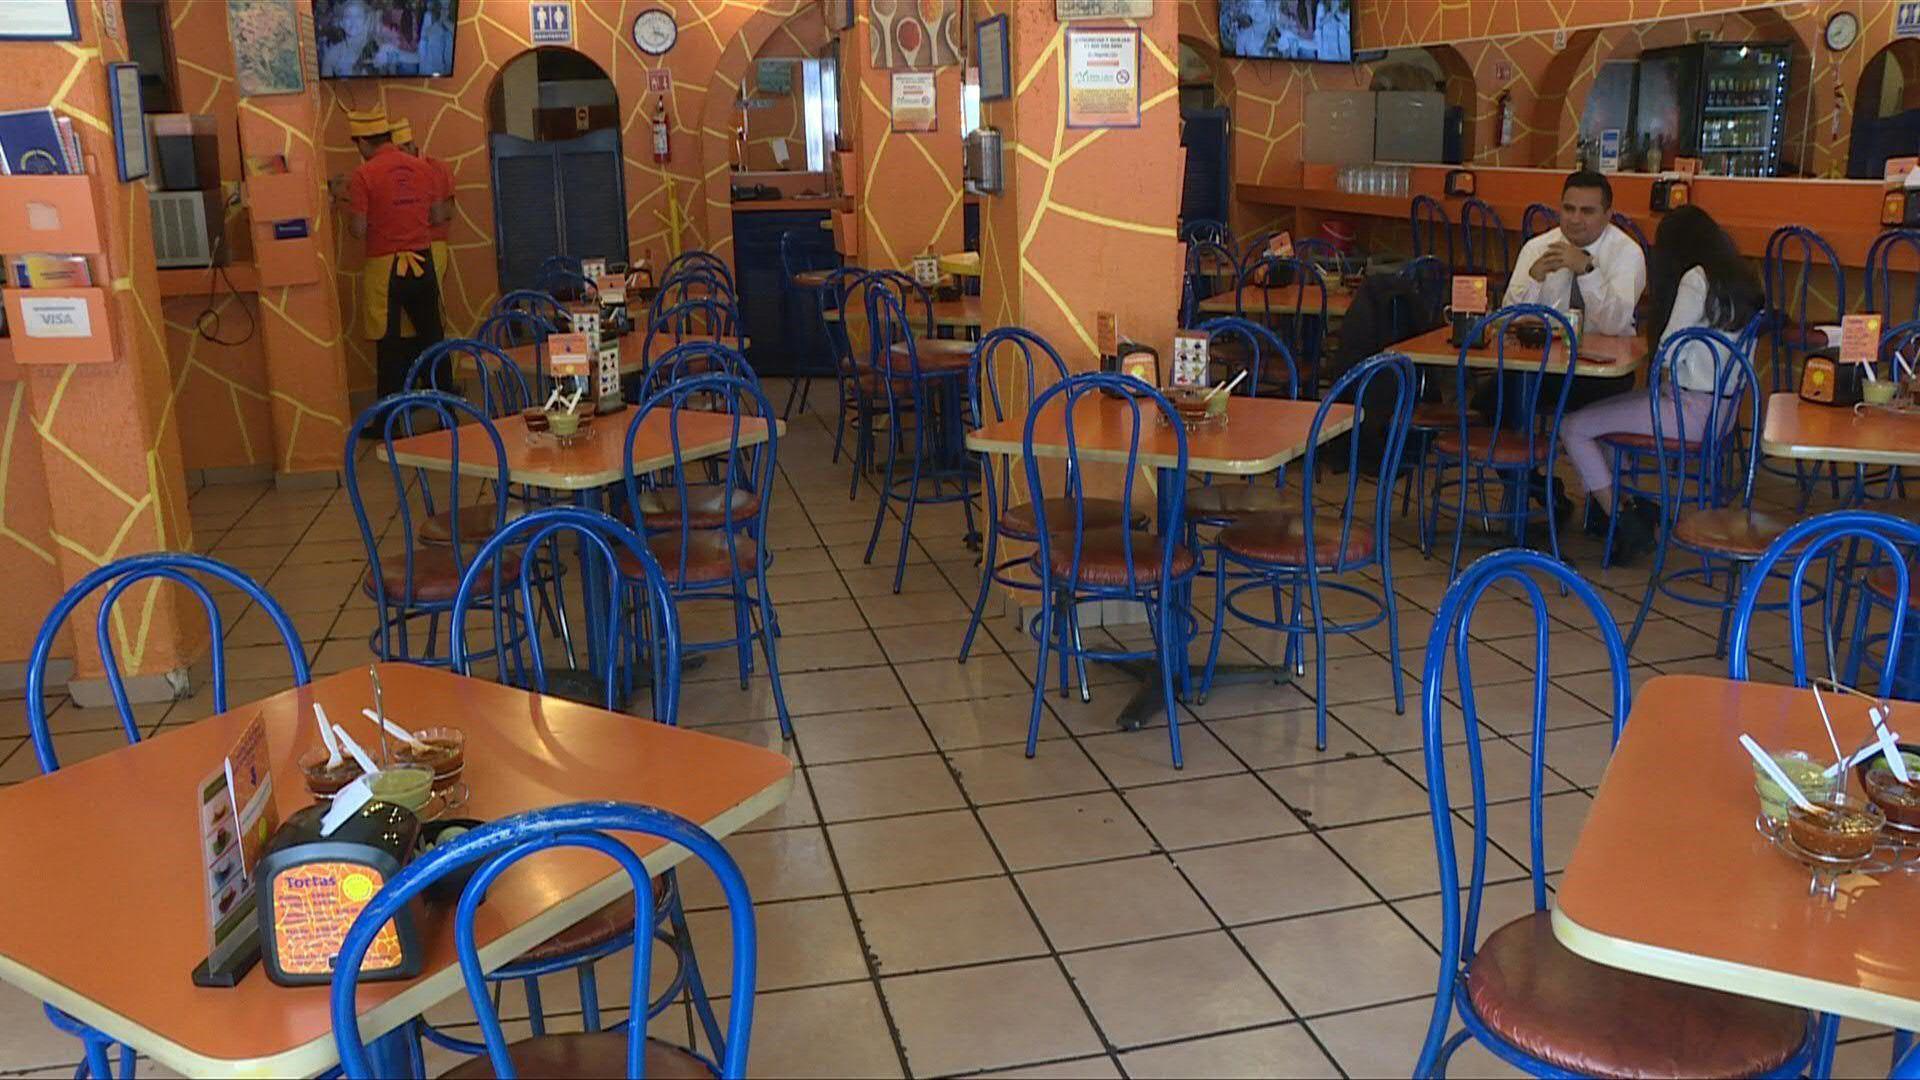 Restaurantes en la Ciudad de México sufren por la falta de clientes (Foto: José Osorio/AFP)